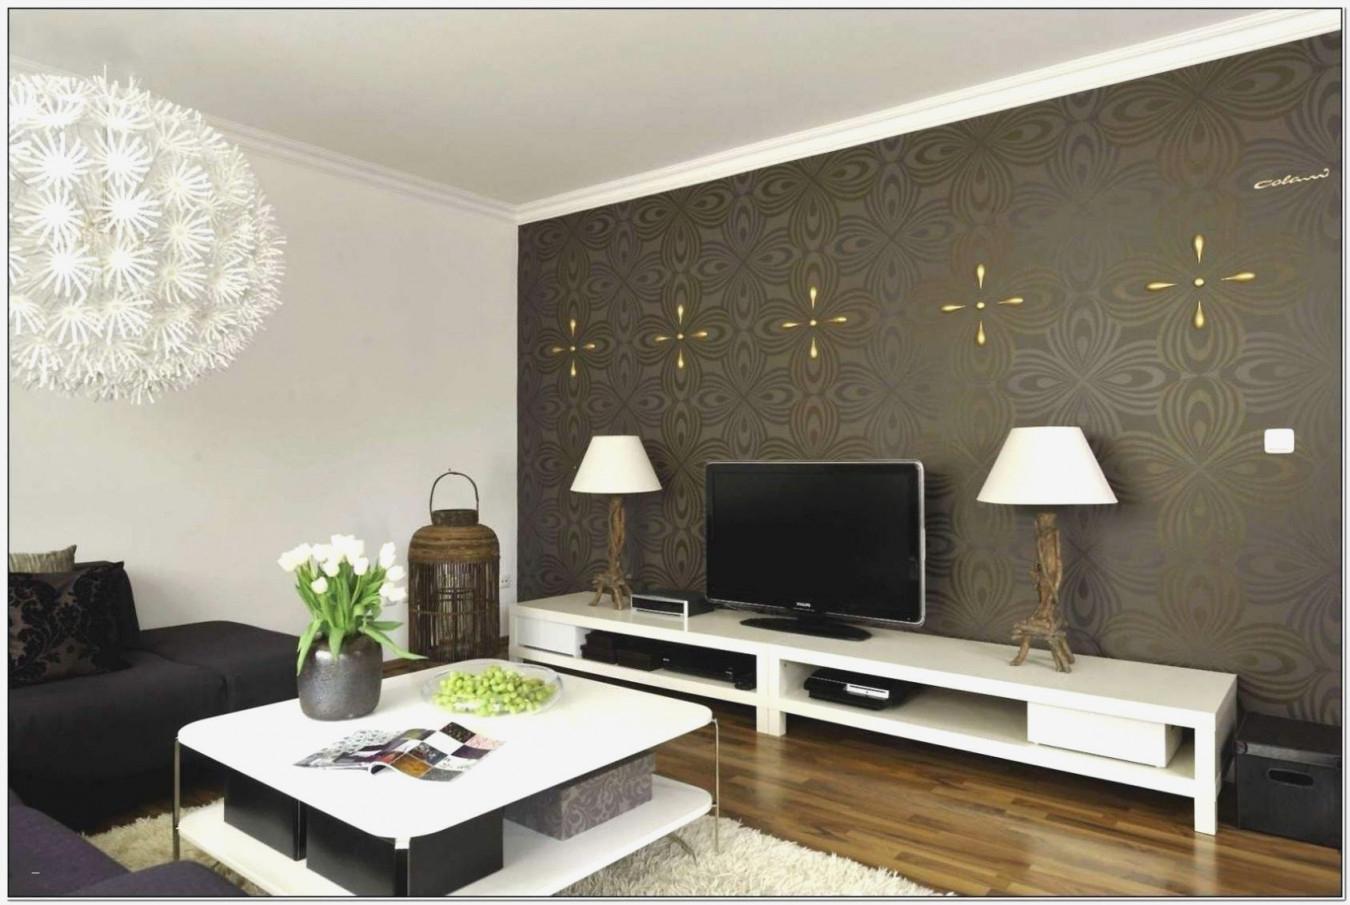 Elegante Wohnzimmer Tapeten Ideen – Caseconrad von Fototapete Wohnzimmer Ideen Bild